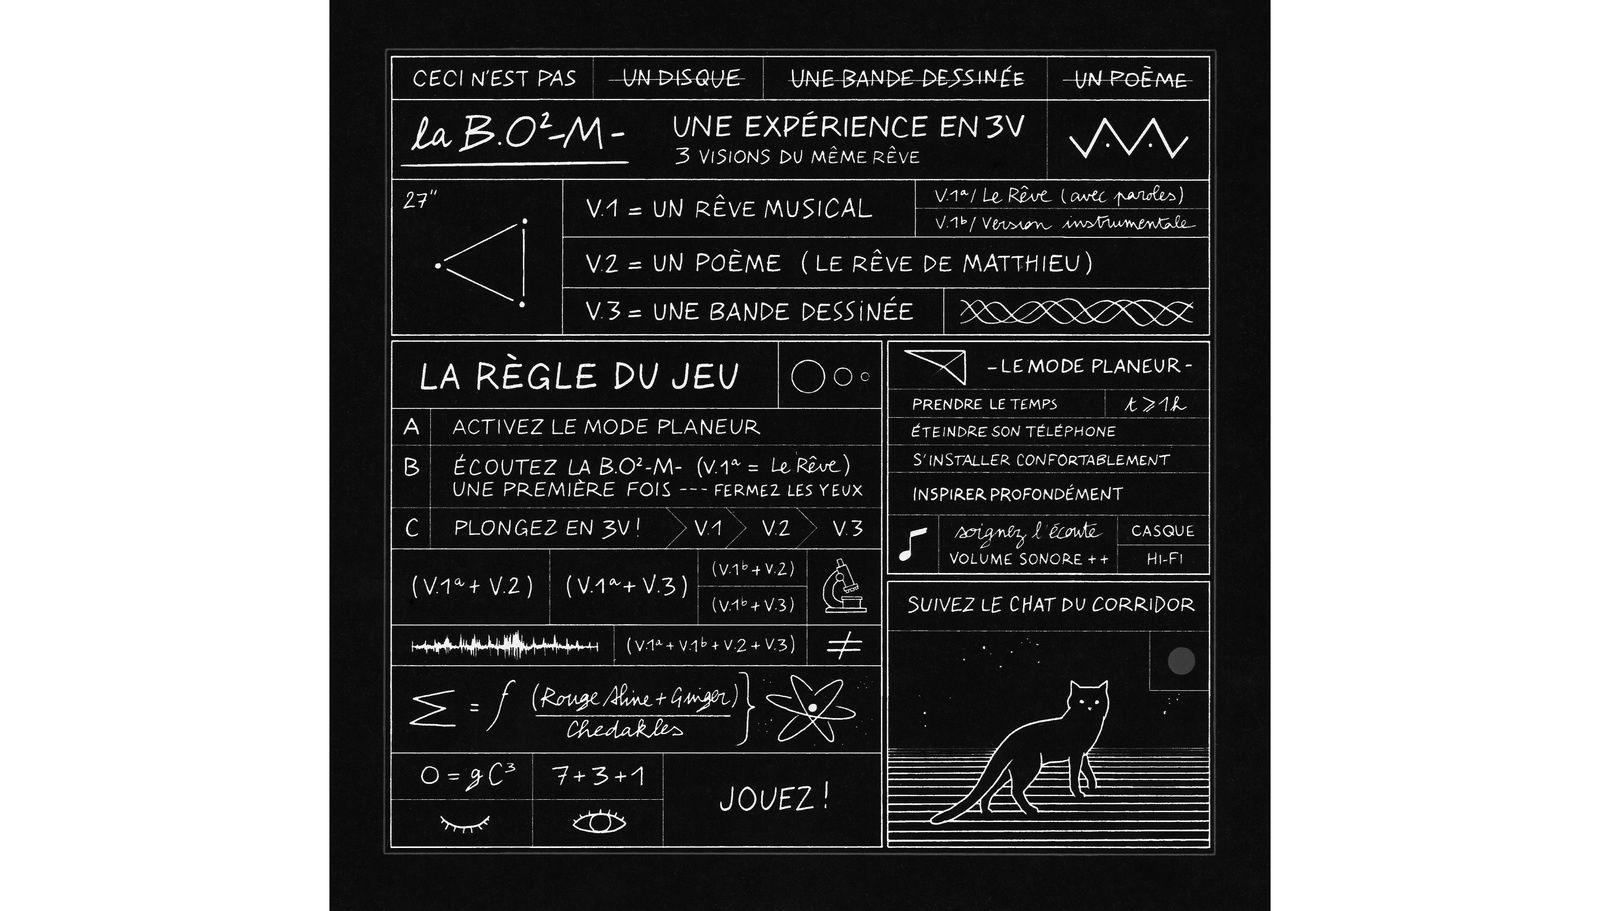 """Les """"règles du jeu"""" de La B.O² -M- (album de Mathieu Chedid - 2015)"""